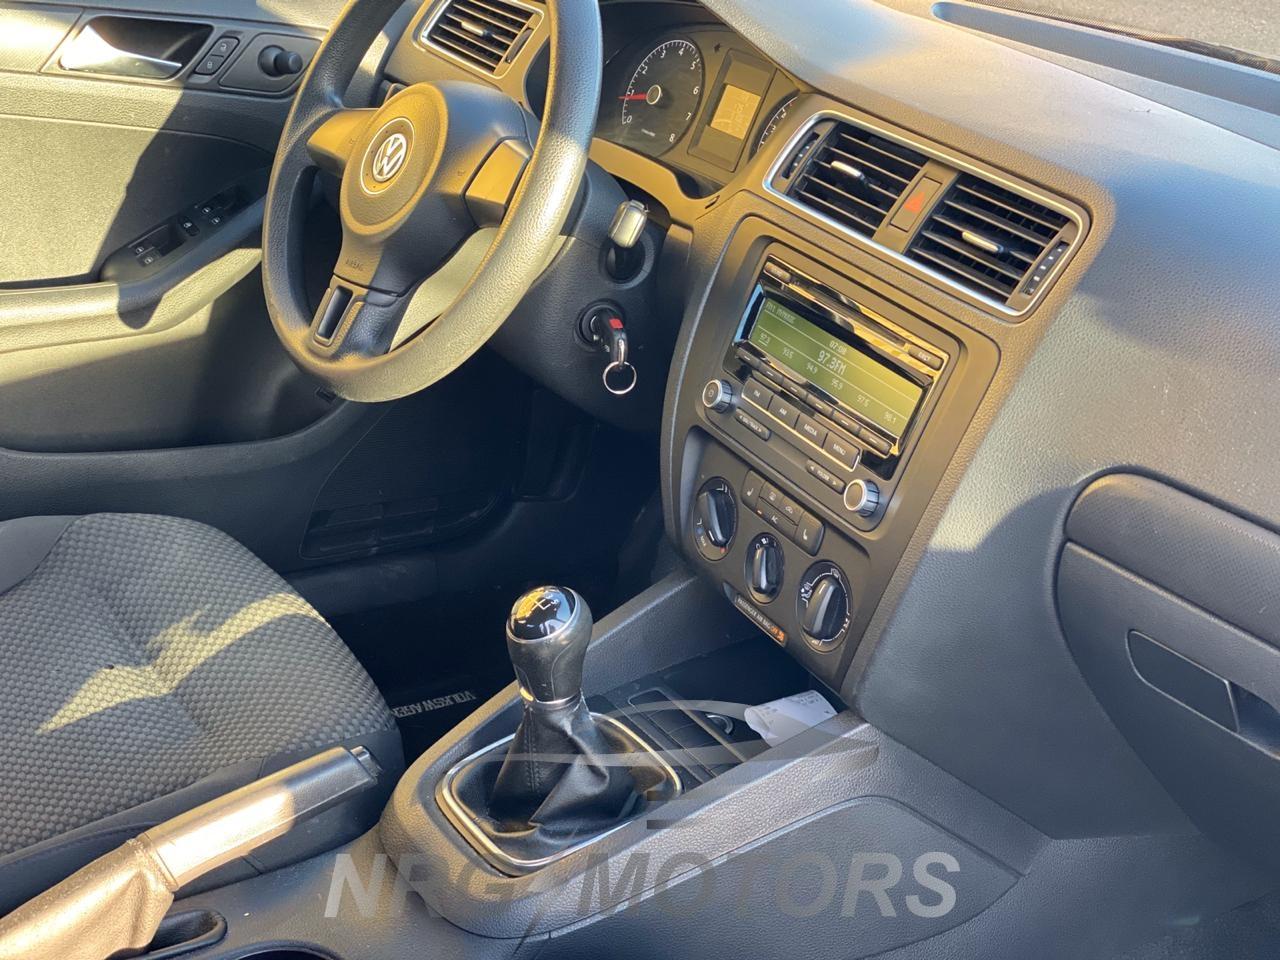 Volkswagen Jetta ne shitje 2.0 Benzine dhe Gas, Viti 2012, Transmision manual. Makinë ekonomike dhe komode për 5 persona. - NRG MOTORS